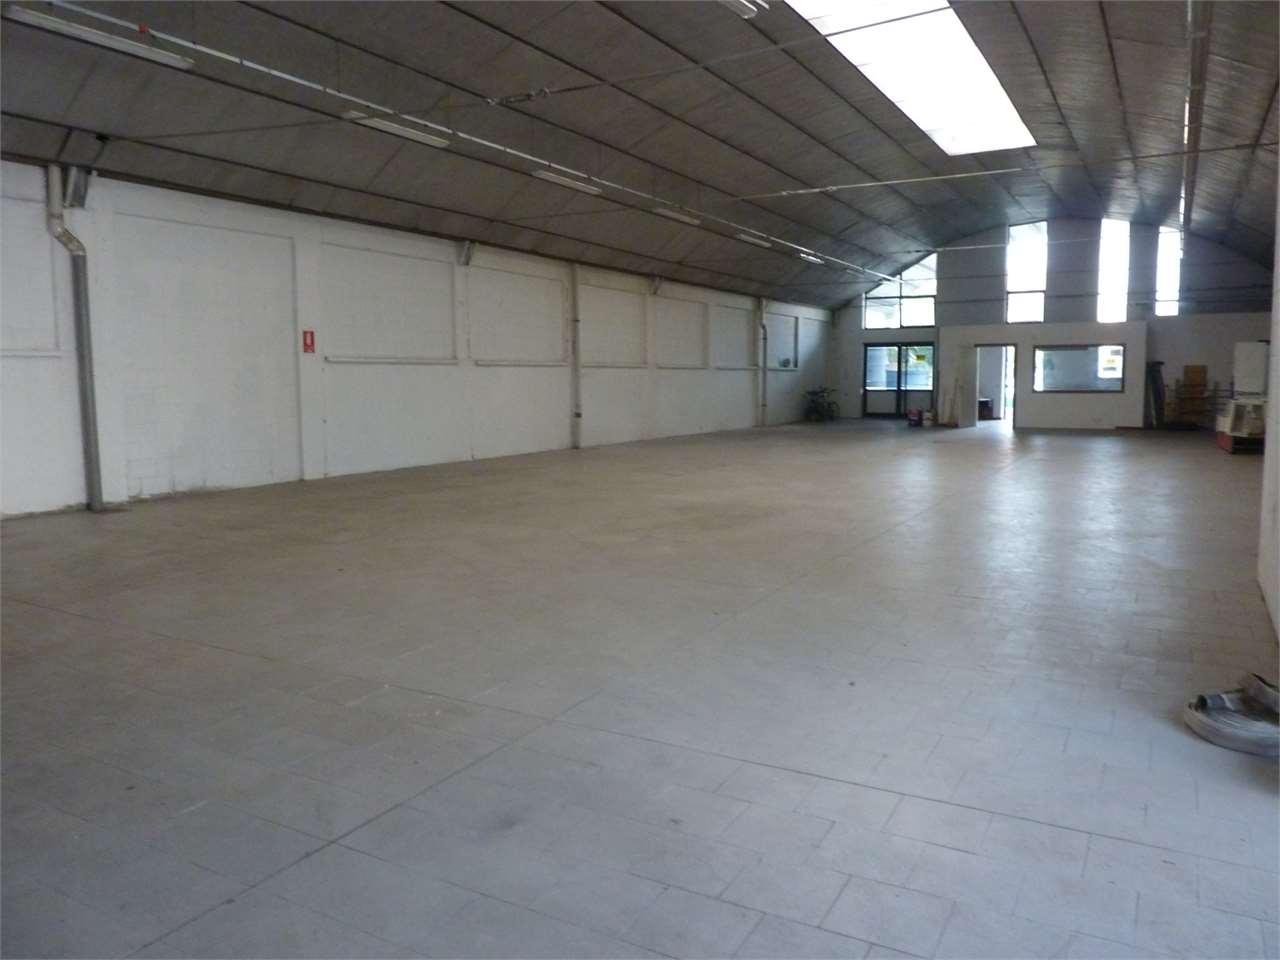 Vendita Capannone Commerciale/Industriale Cislago via san giovanni bosco  237464